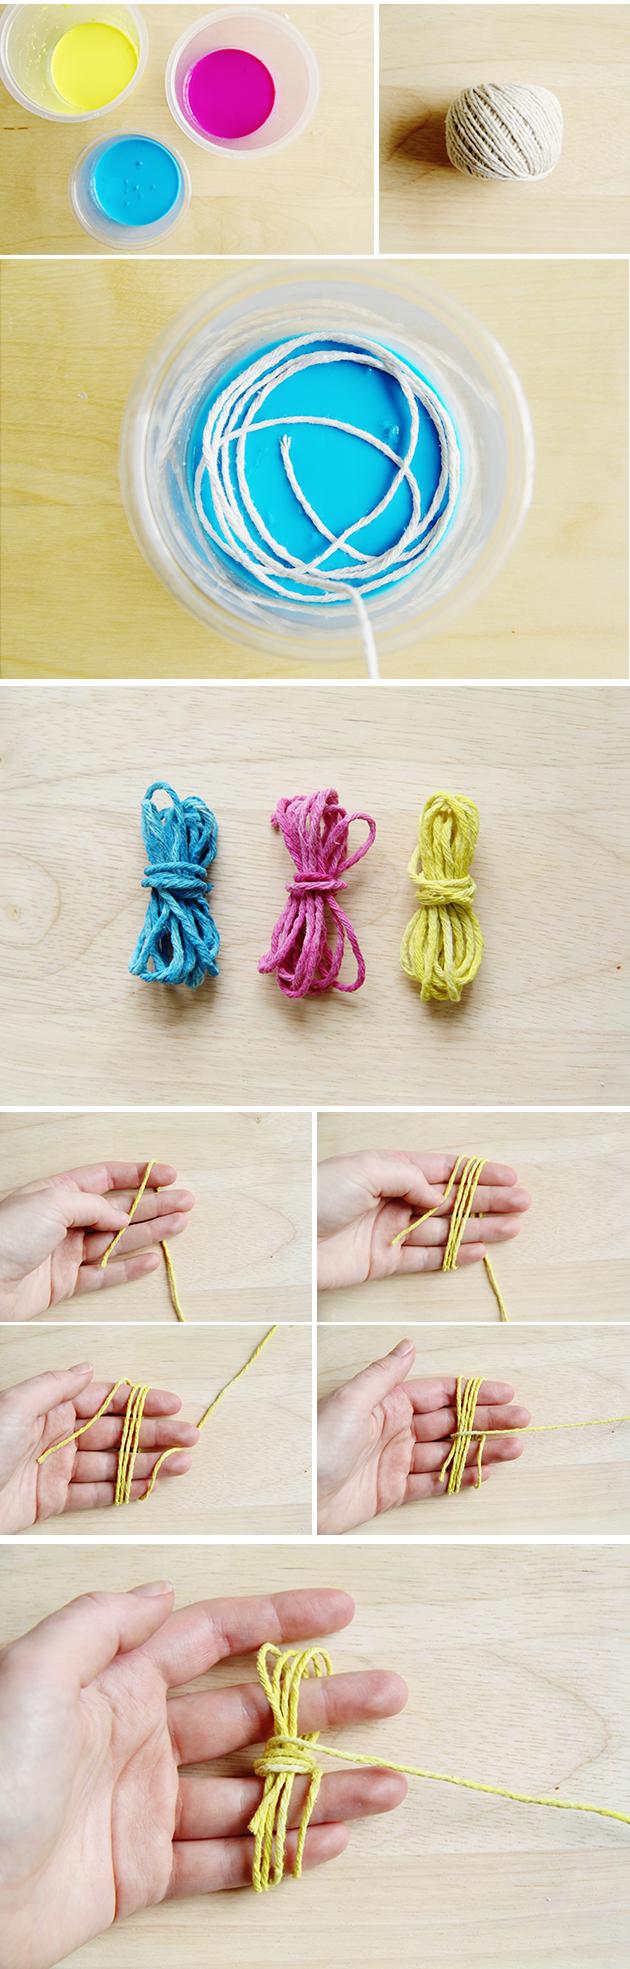 DIY Monkey Fist Knot Earrings